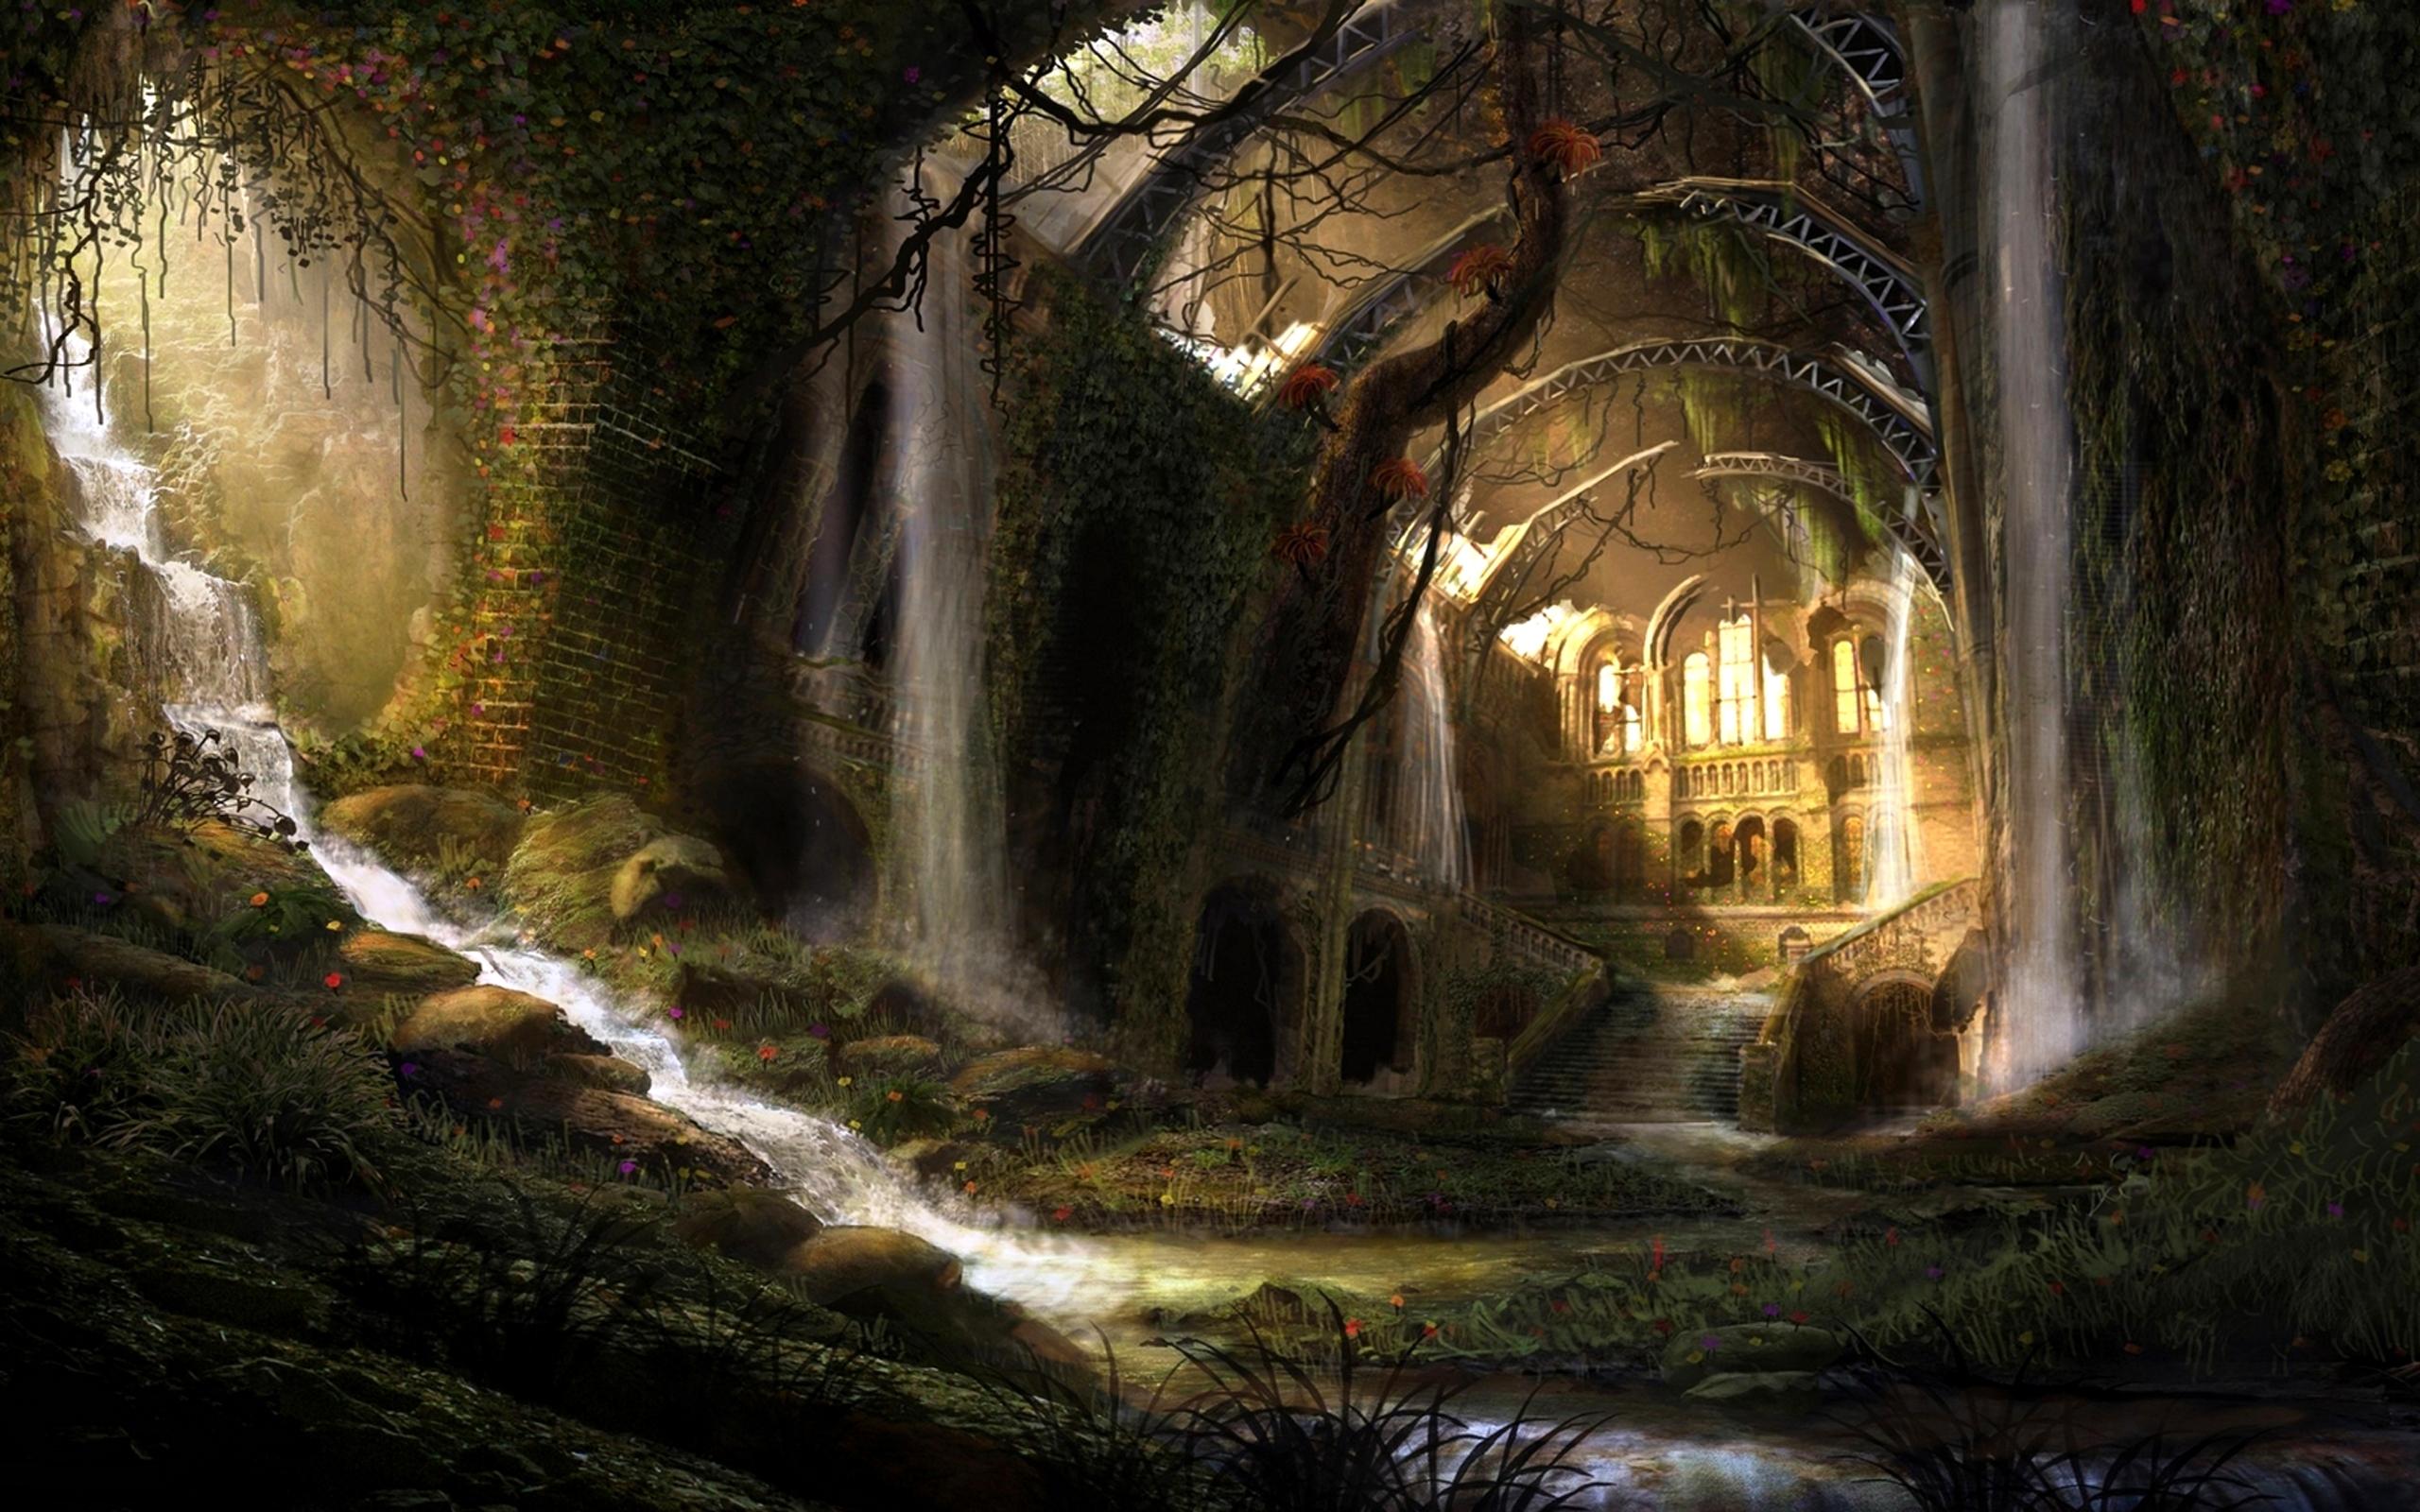 1338 paysage fonds d'écran hd | arrière-plans - wallpaper abyss